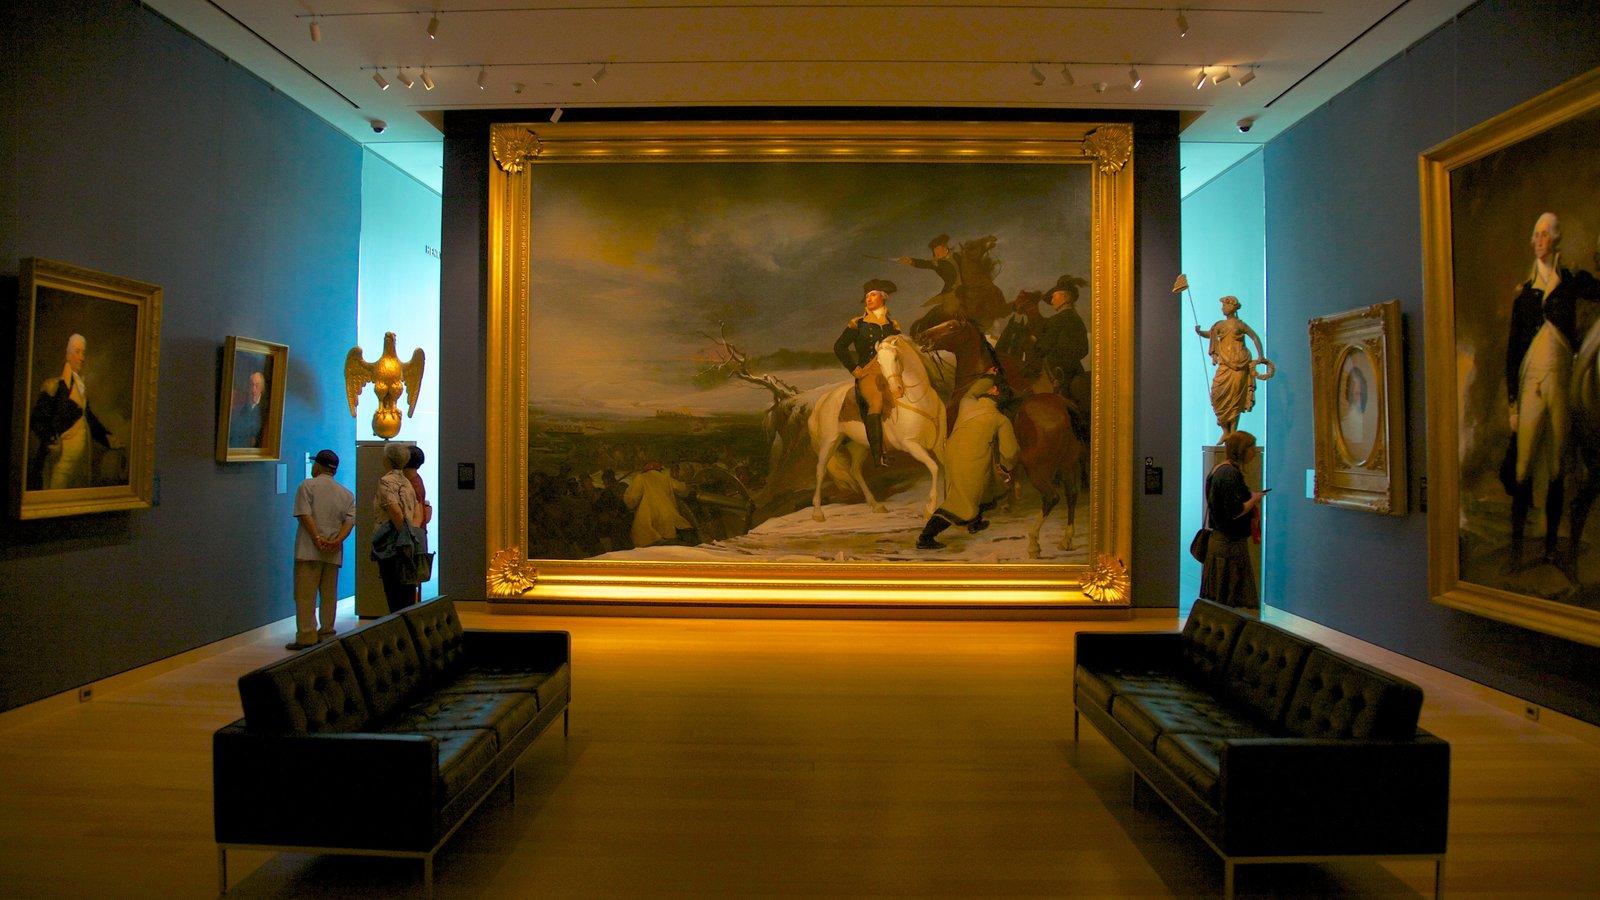 Museum of Fine Arts que inclui vistas internas assim como um pequeno grupo de pessoas